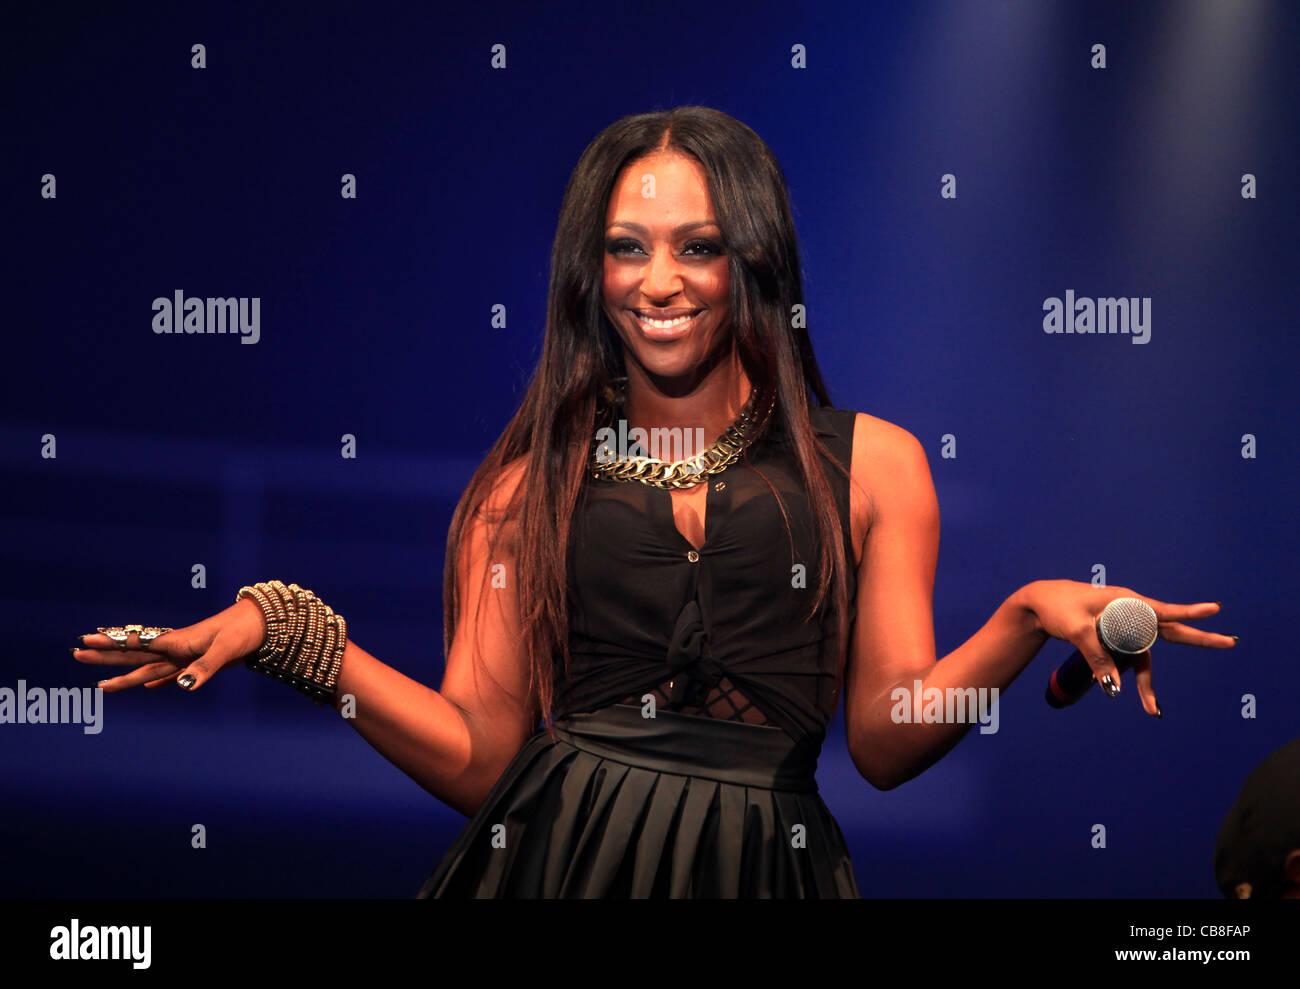 X Factor Gewinner Alexandra Burke startet die sechste Kleidung SHOW LIVE Veranstaltung im NEC in der Nähe von Stockbild